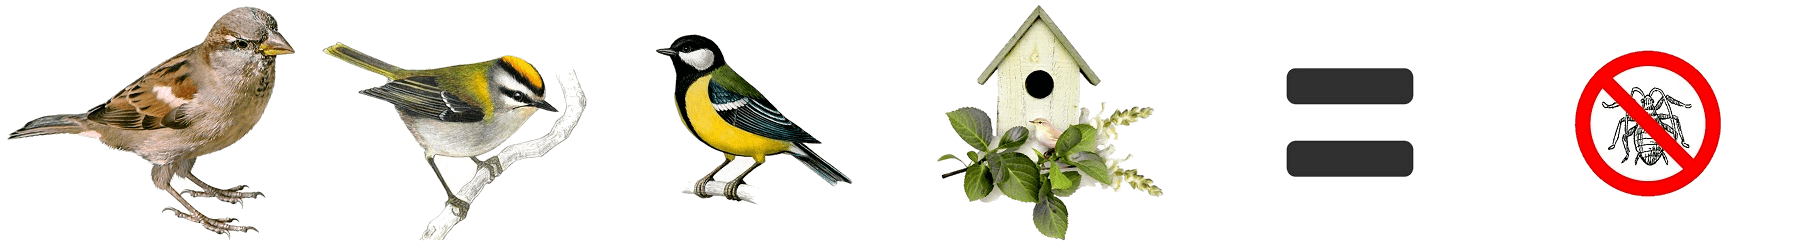 Les oiseaux contre les insectes